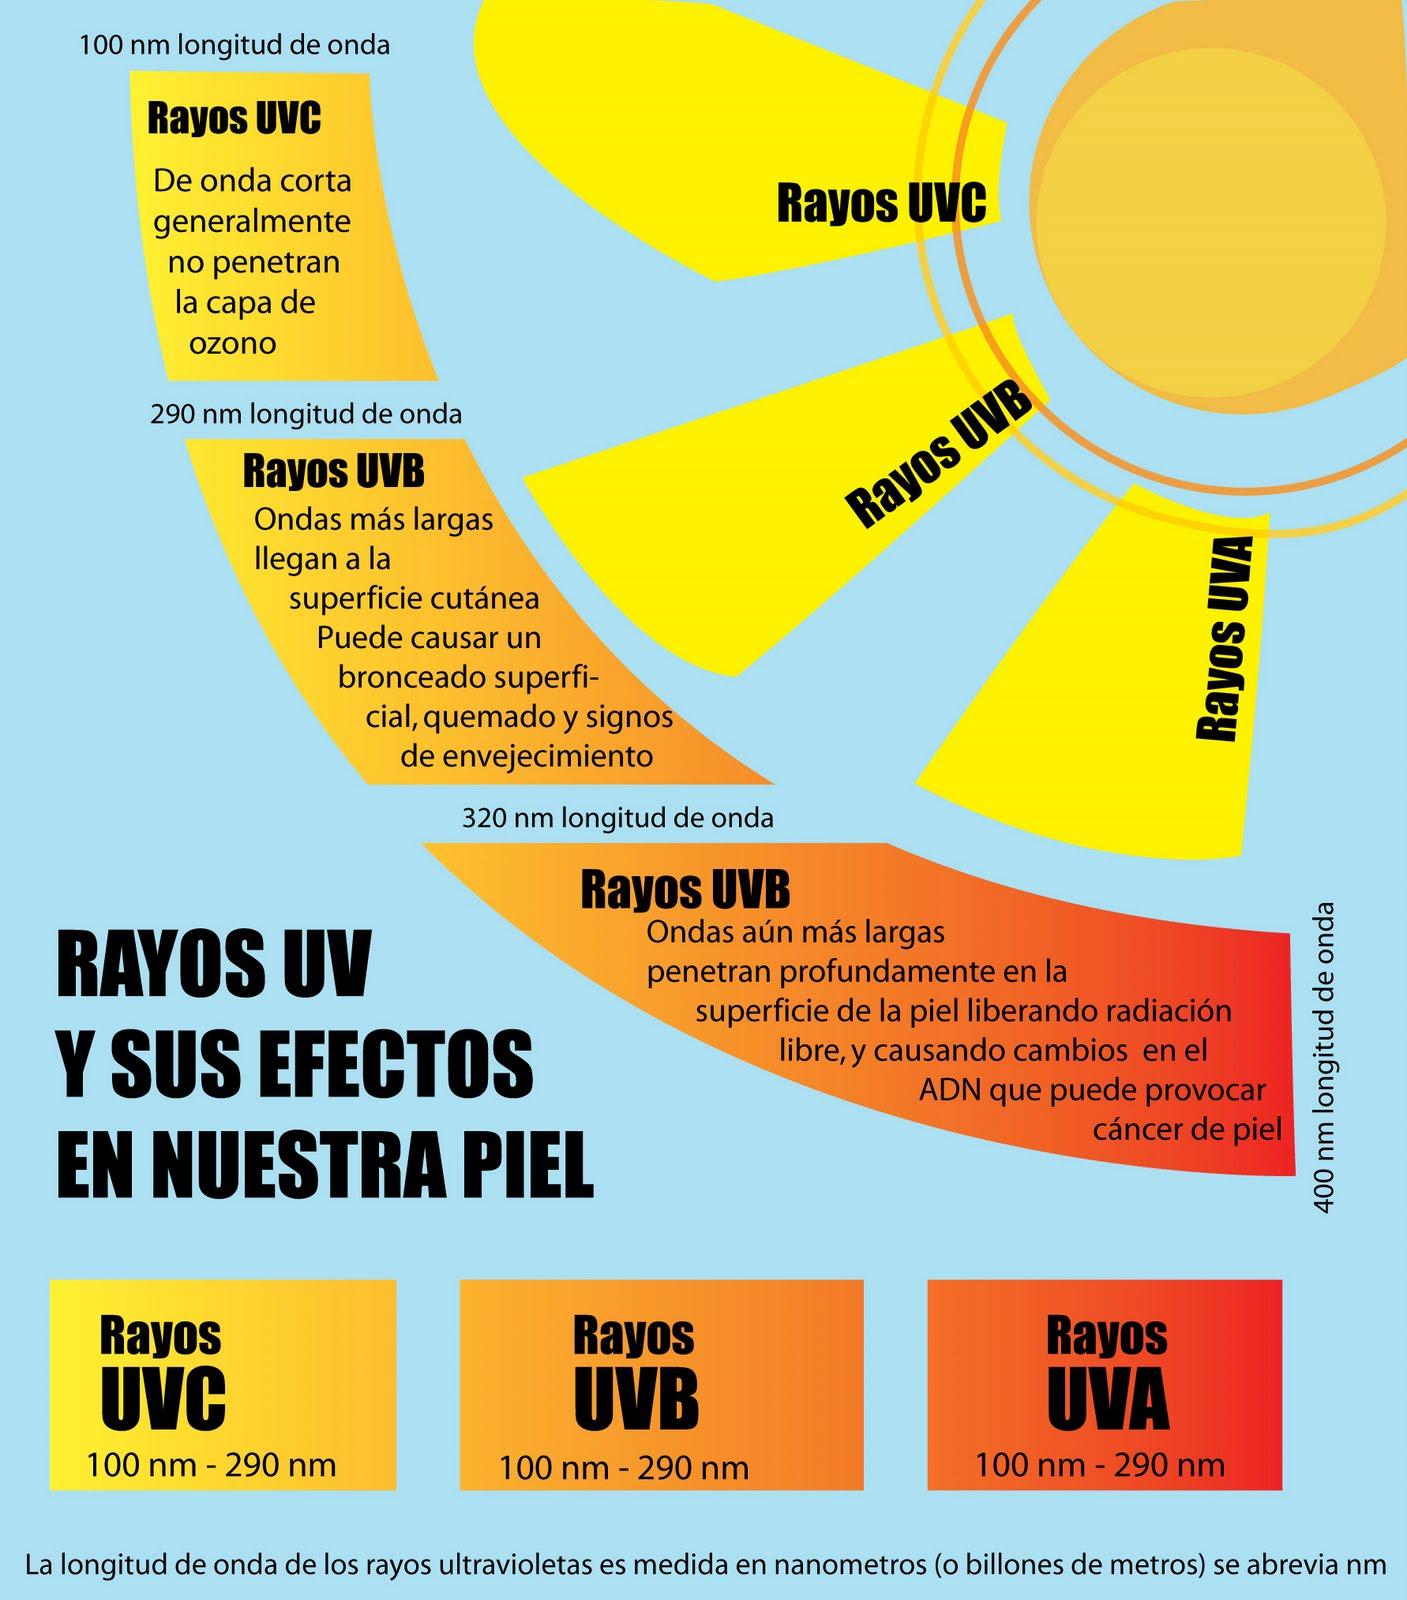 La importancia de proteger los ojos de los rayos UV